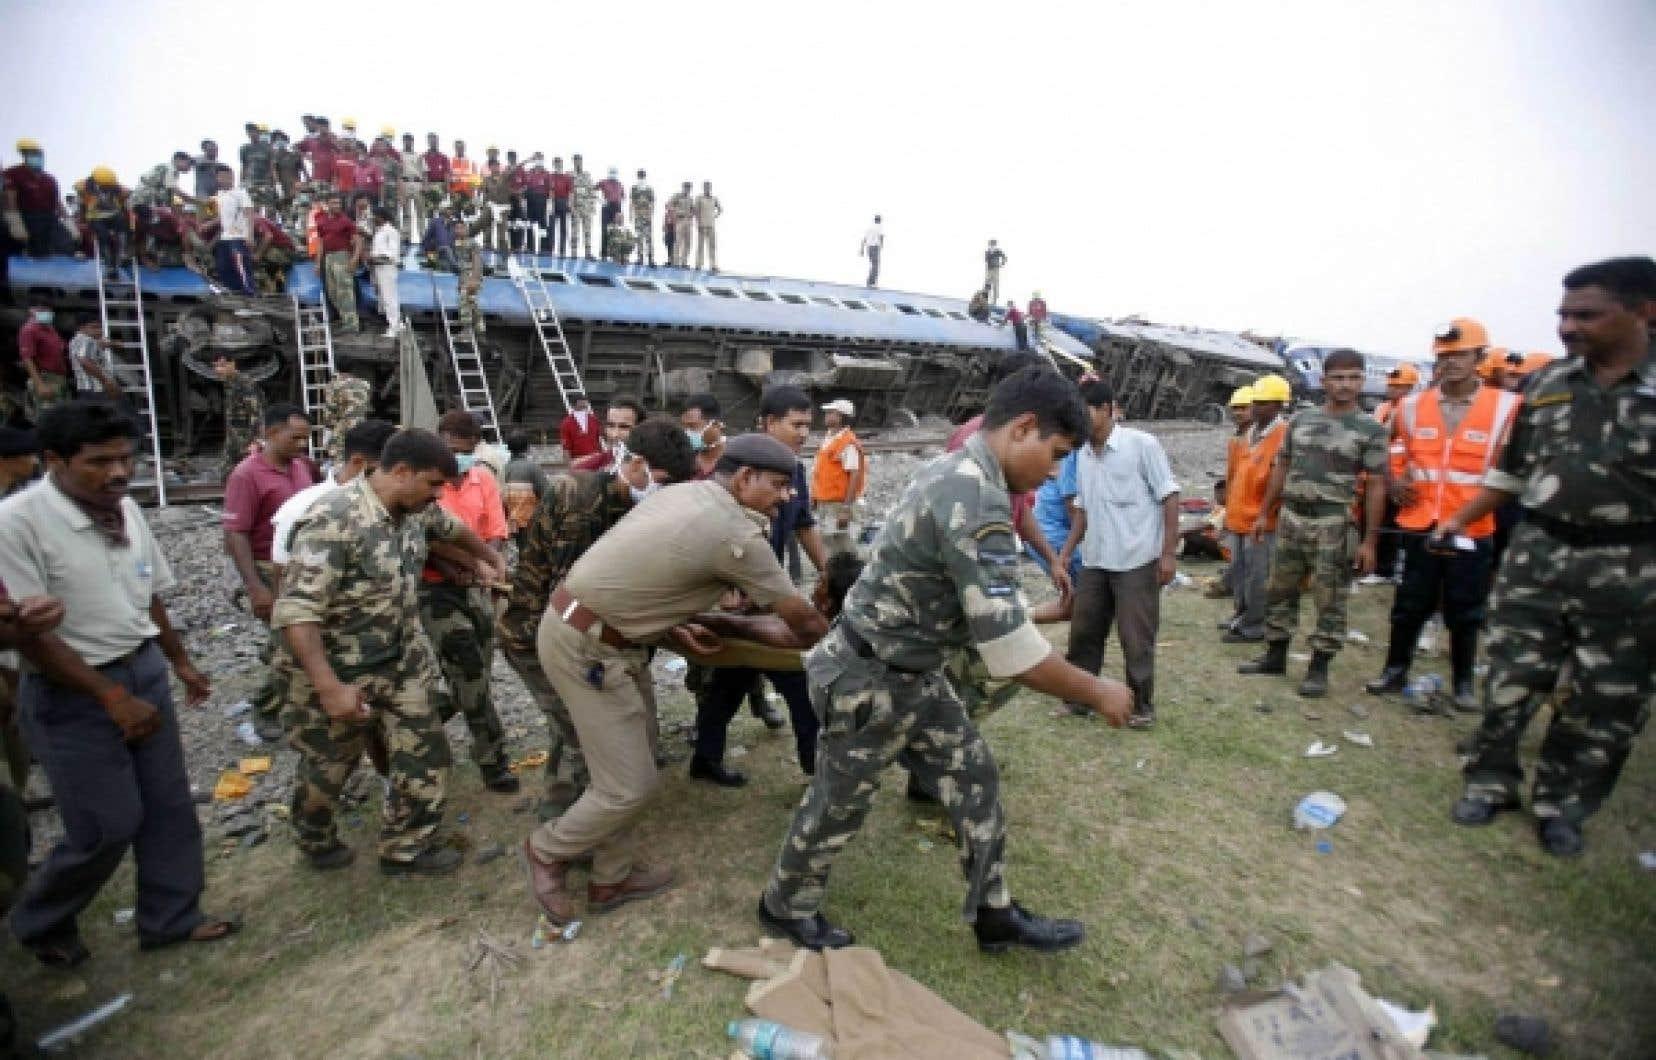 Plus de dix heures après le drame, au moins une dizaine de passagers étaient encore coincés dans les débris du train.